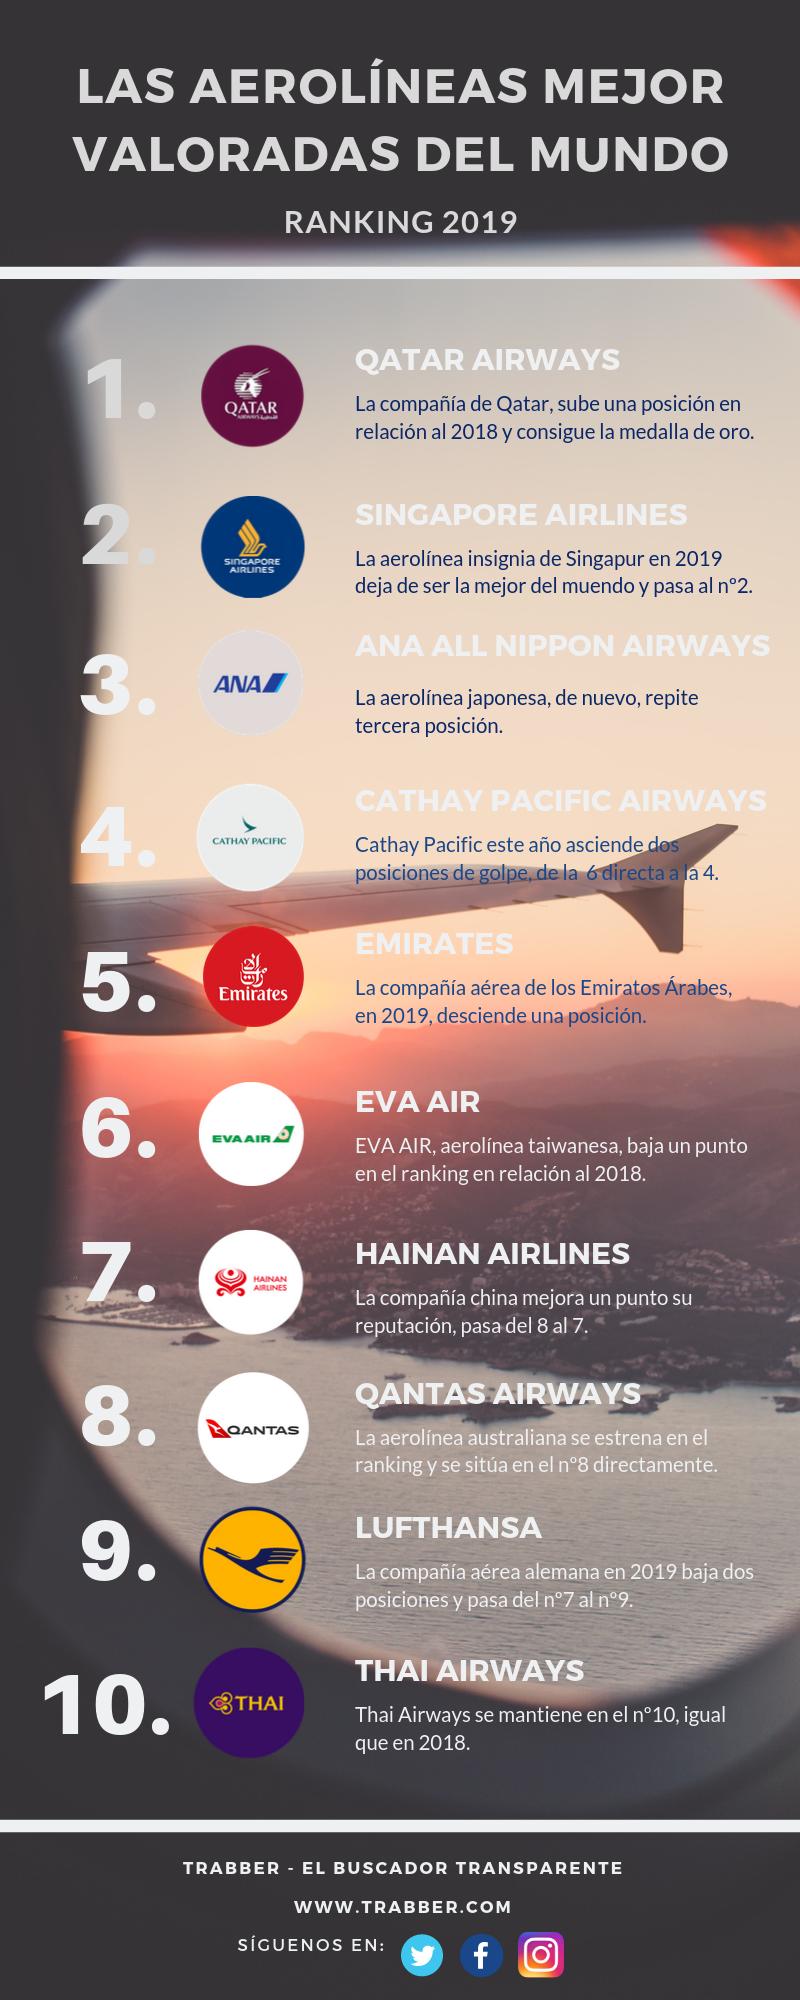 Las 10 aerolíneas mejor valoradas del mundo del 2019